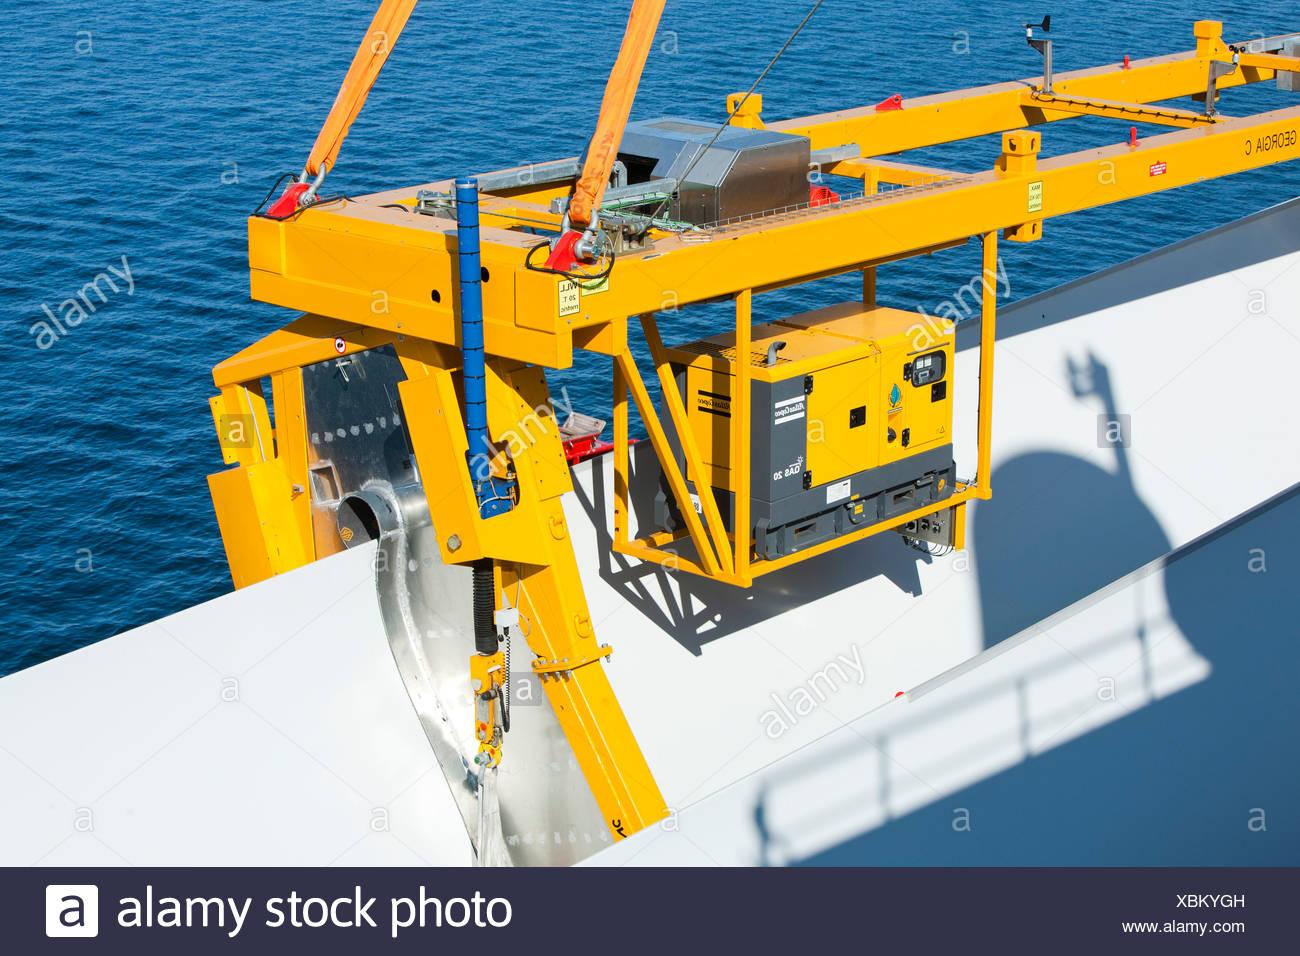 Le cric l'barge, Kraken, utilise une station de levage spécialiste pour soulever les pales de l'éolienne en place, pour l'éolien offshore Walney Photo Stock